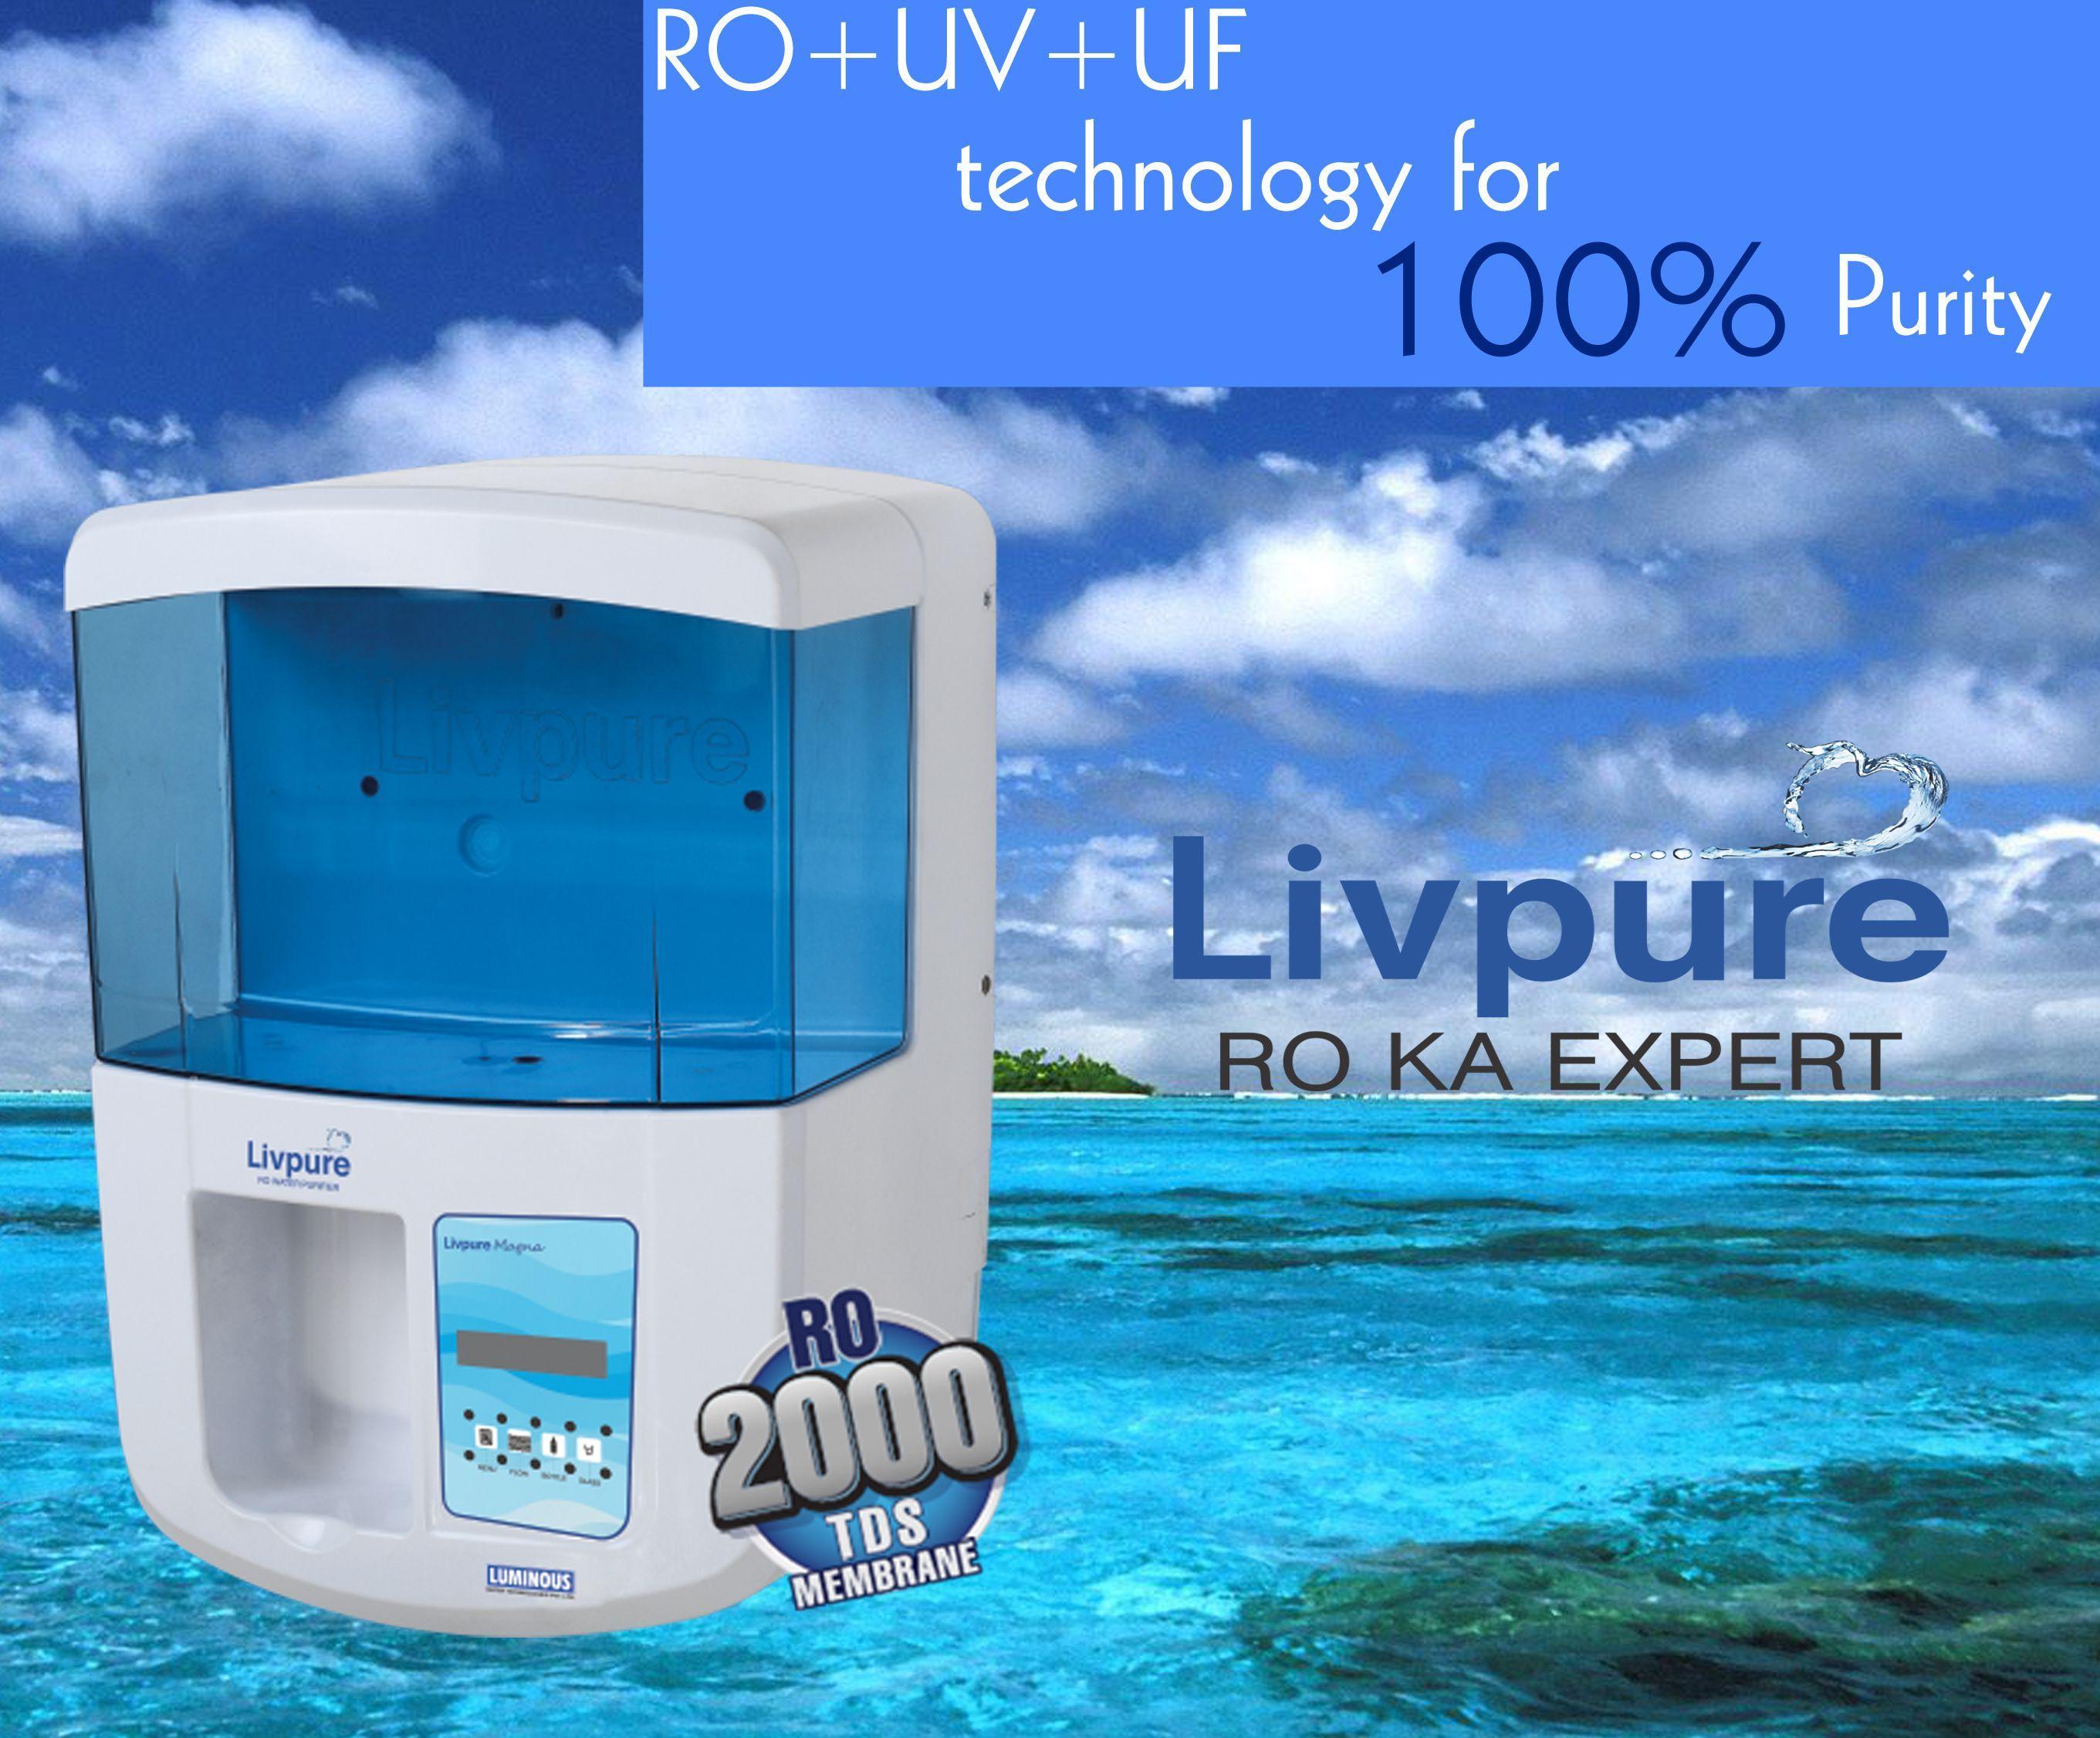 Buy Livpuretouch2000plus series with the unique RO+UV+UF